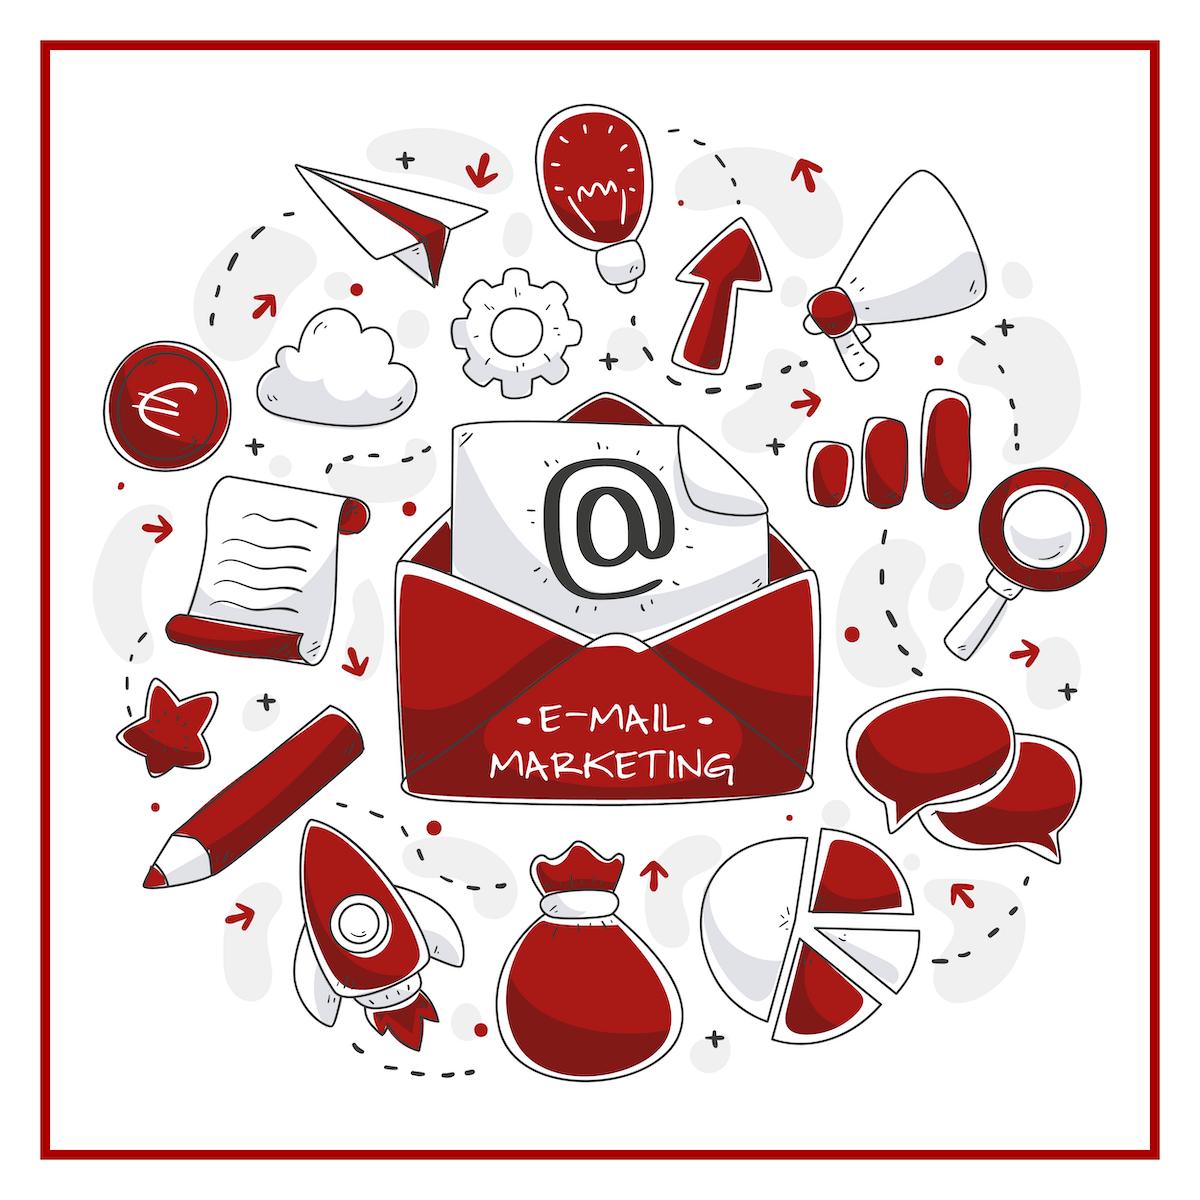 geschmacksRaum_WERBEAGENTUR_E-Mail-Marketing_im_Jahr_2019-Lohnt_sich_der_klassische_Newsletter-Versand_noch_1-t